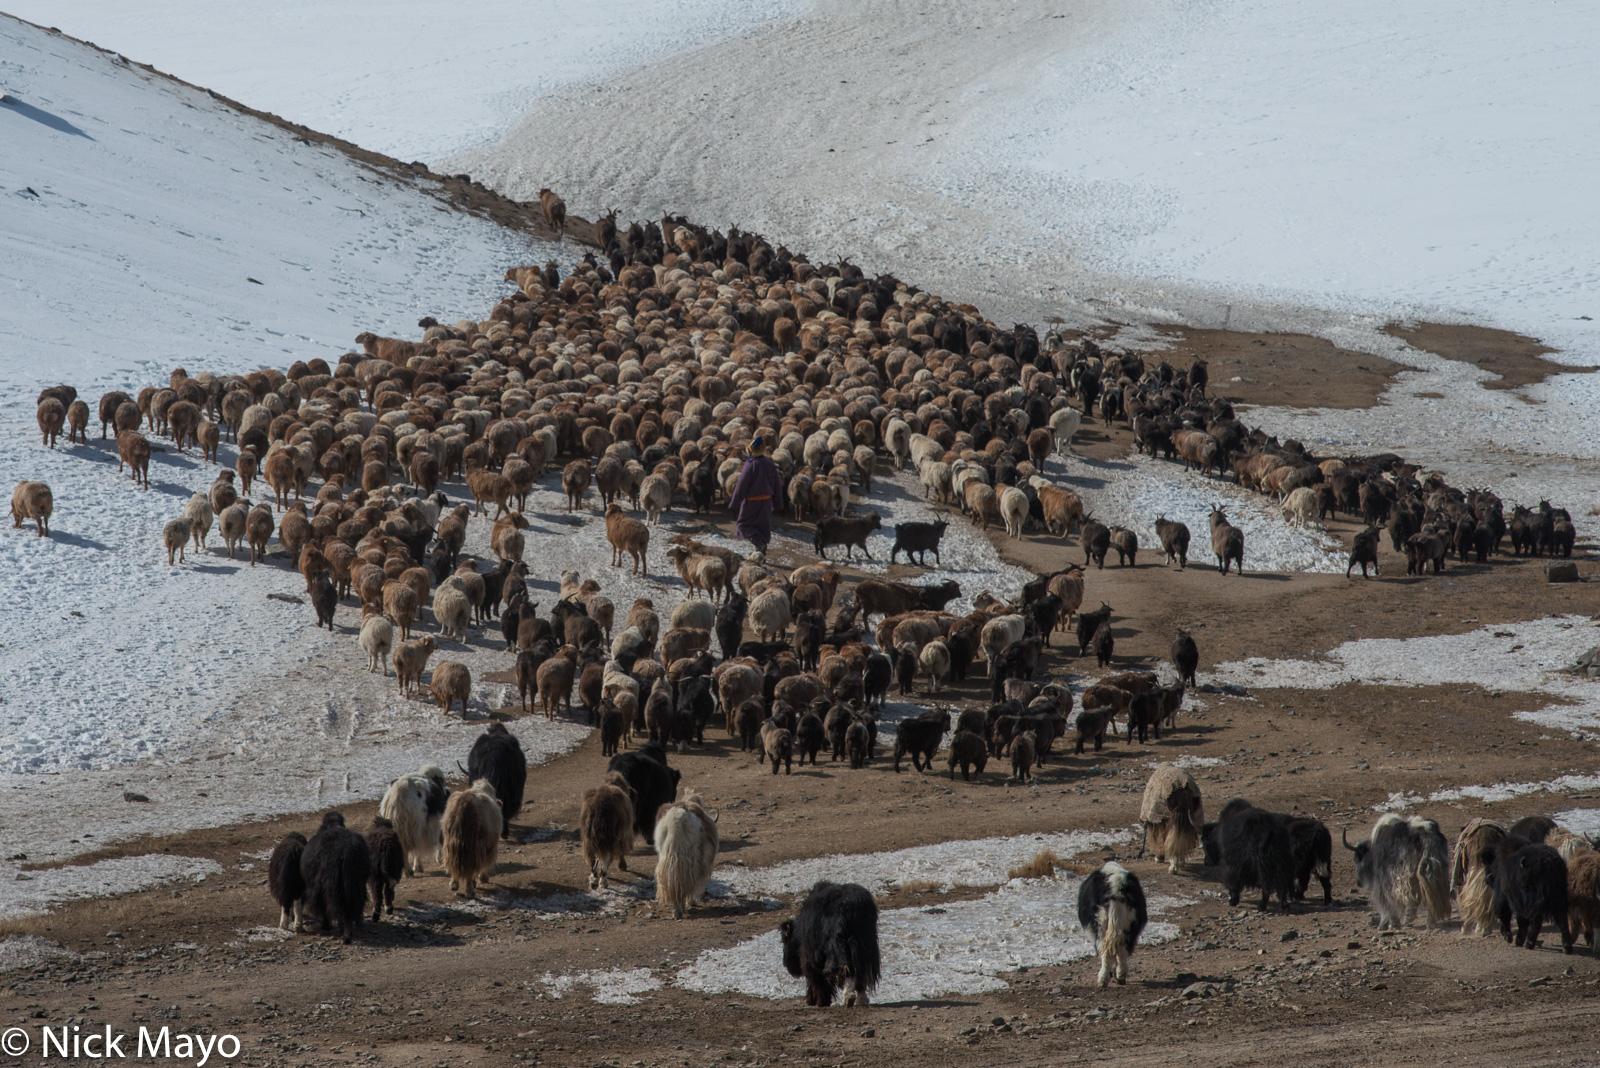 Bayan-Ölgii, Goat, Kazakh, Mongolia, Sheep, Yak, photo